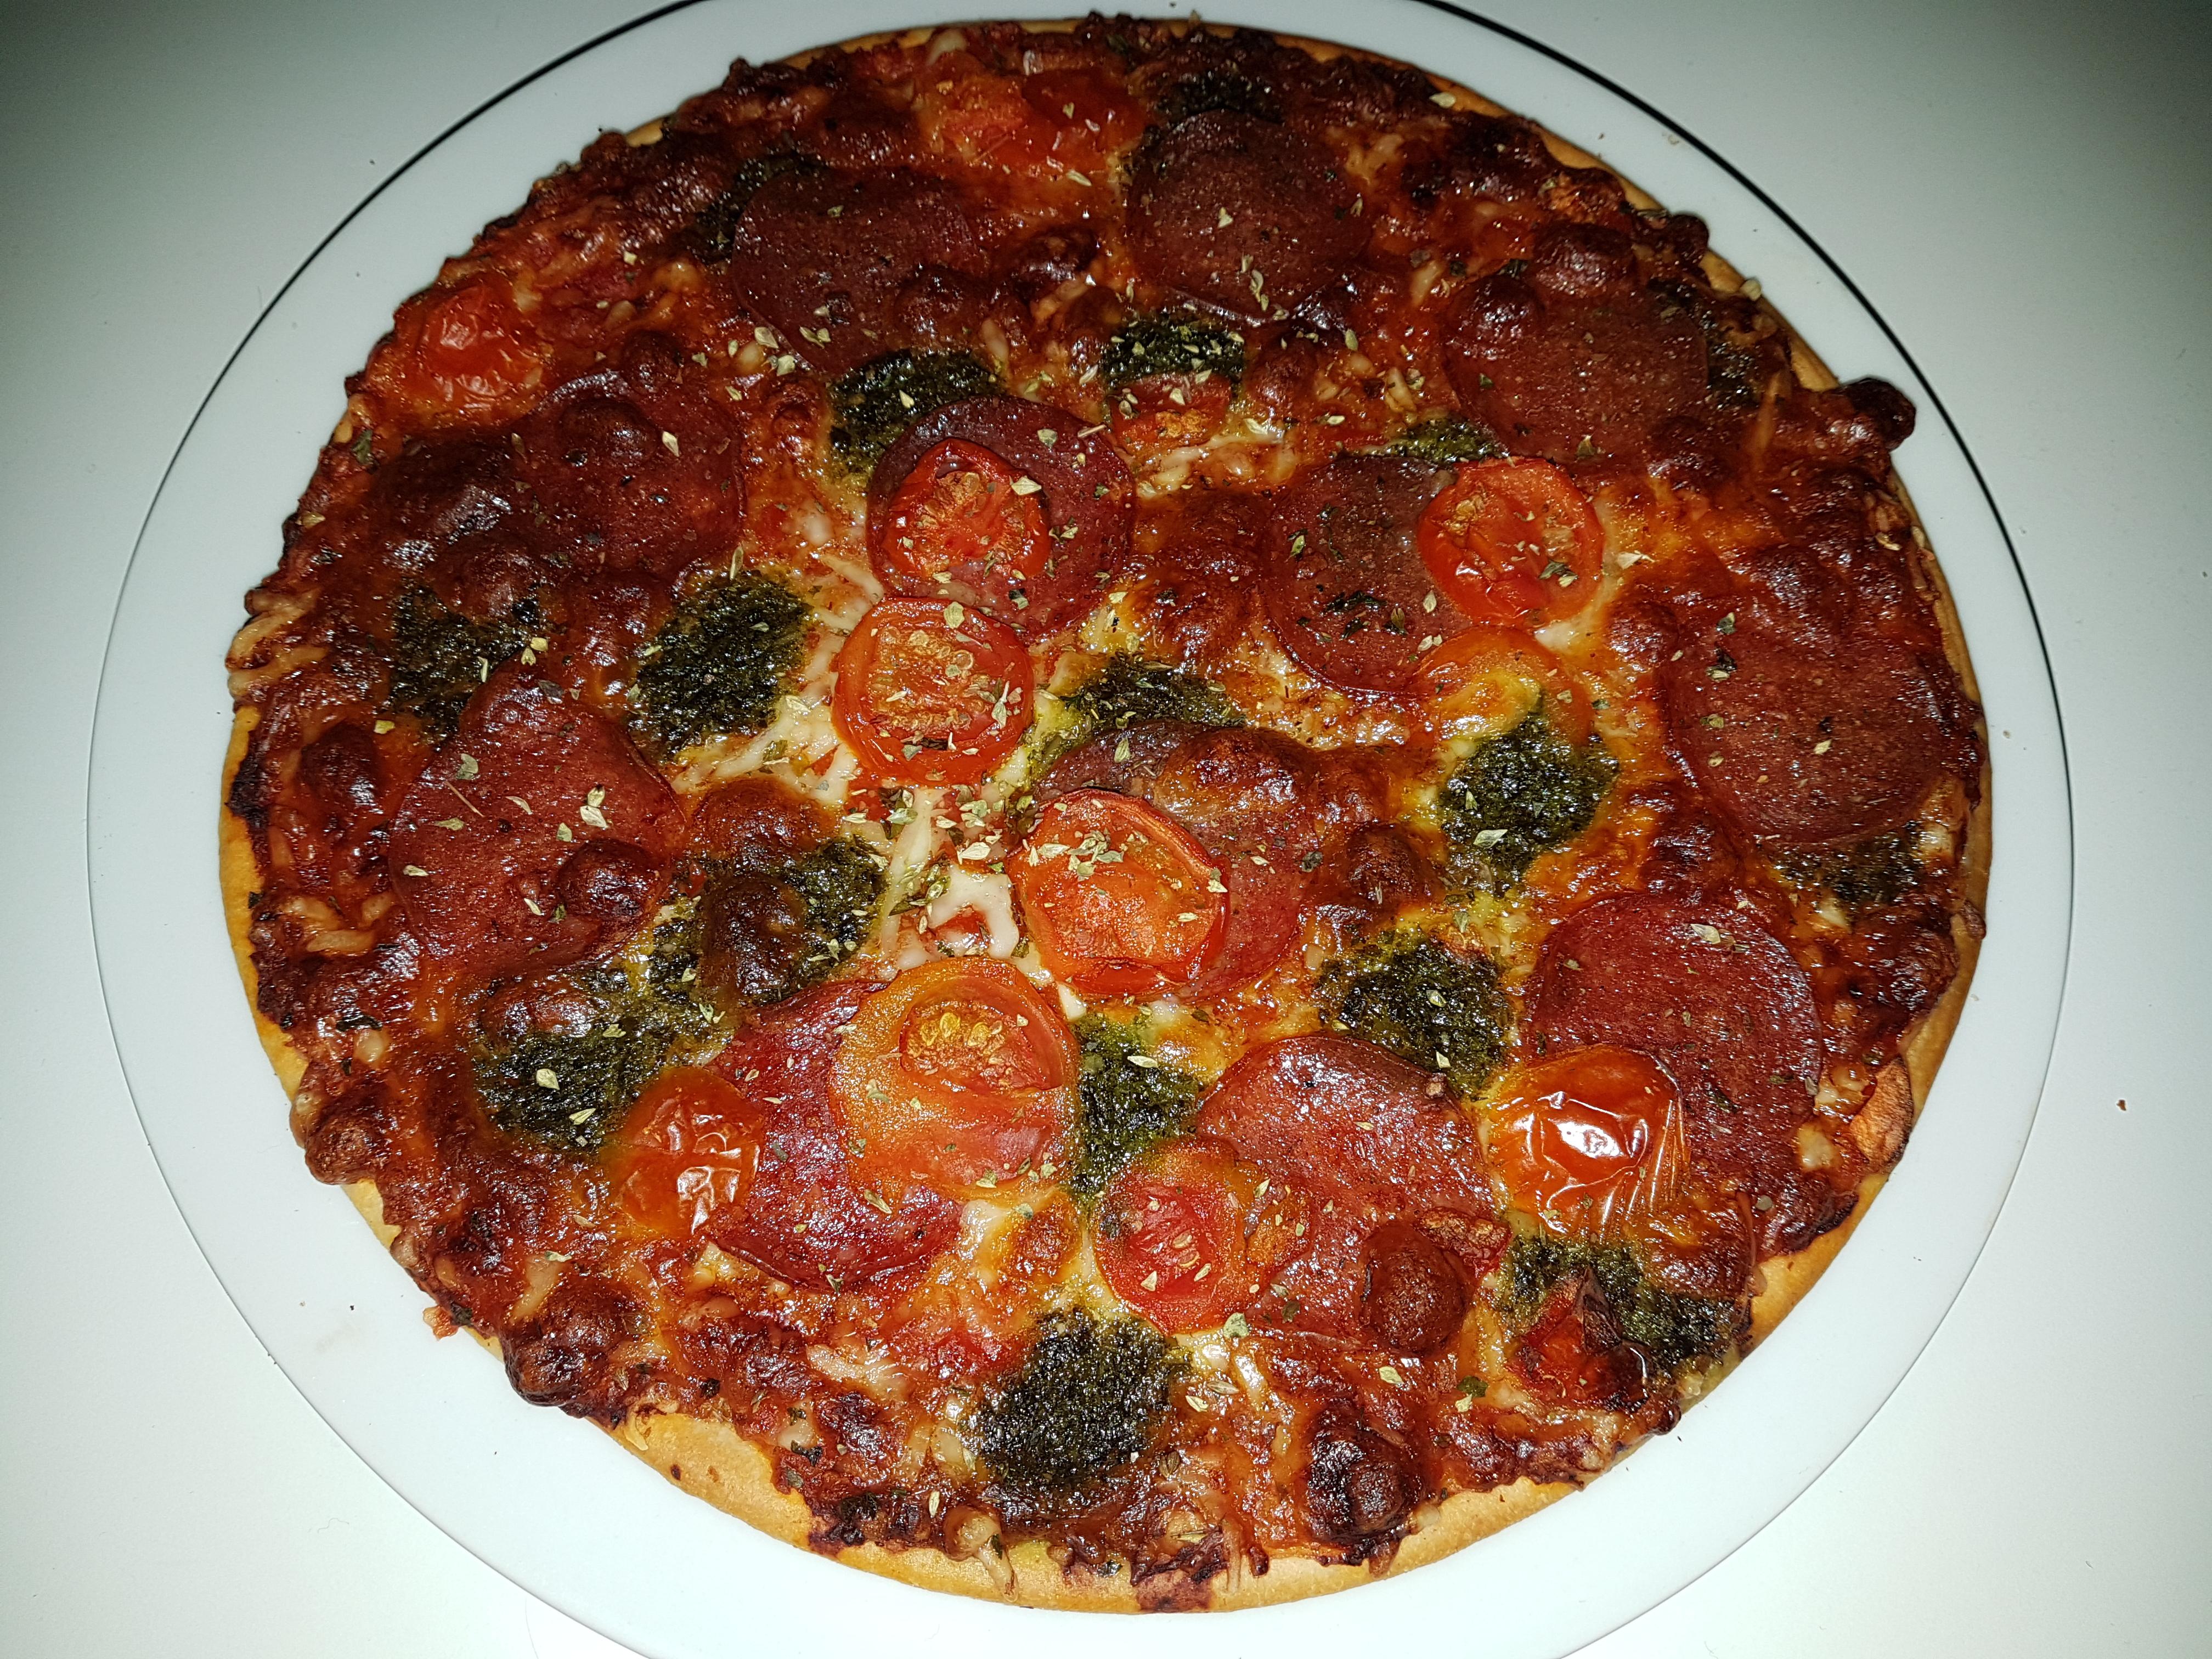 https://foodloader.net/Holz_2017-11-06_Pizza.jpg